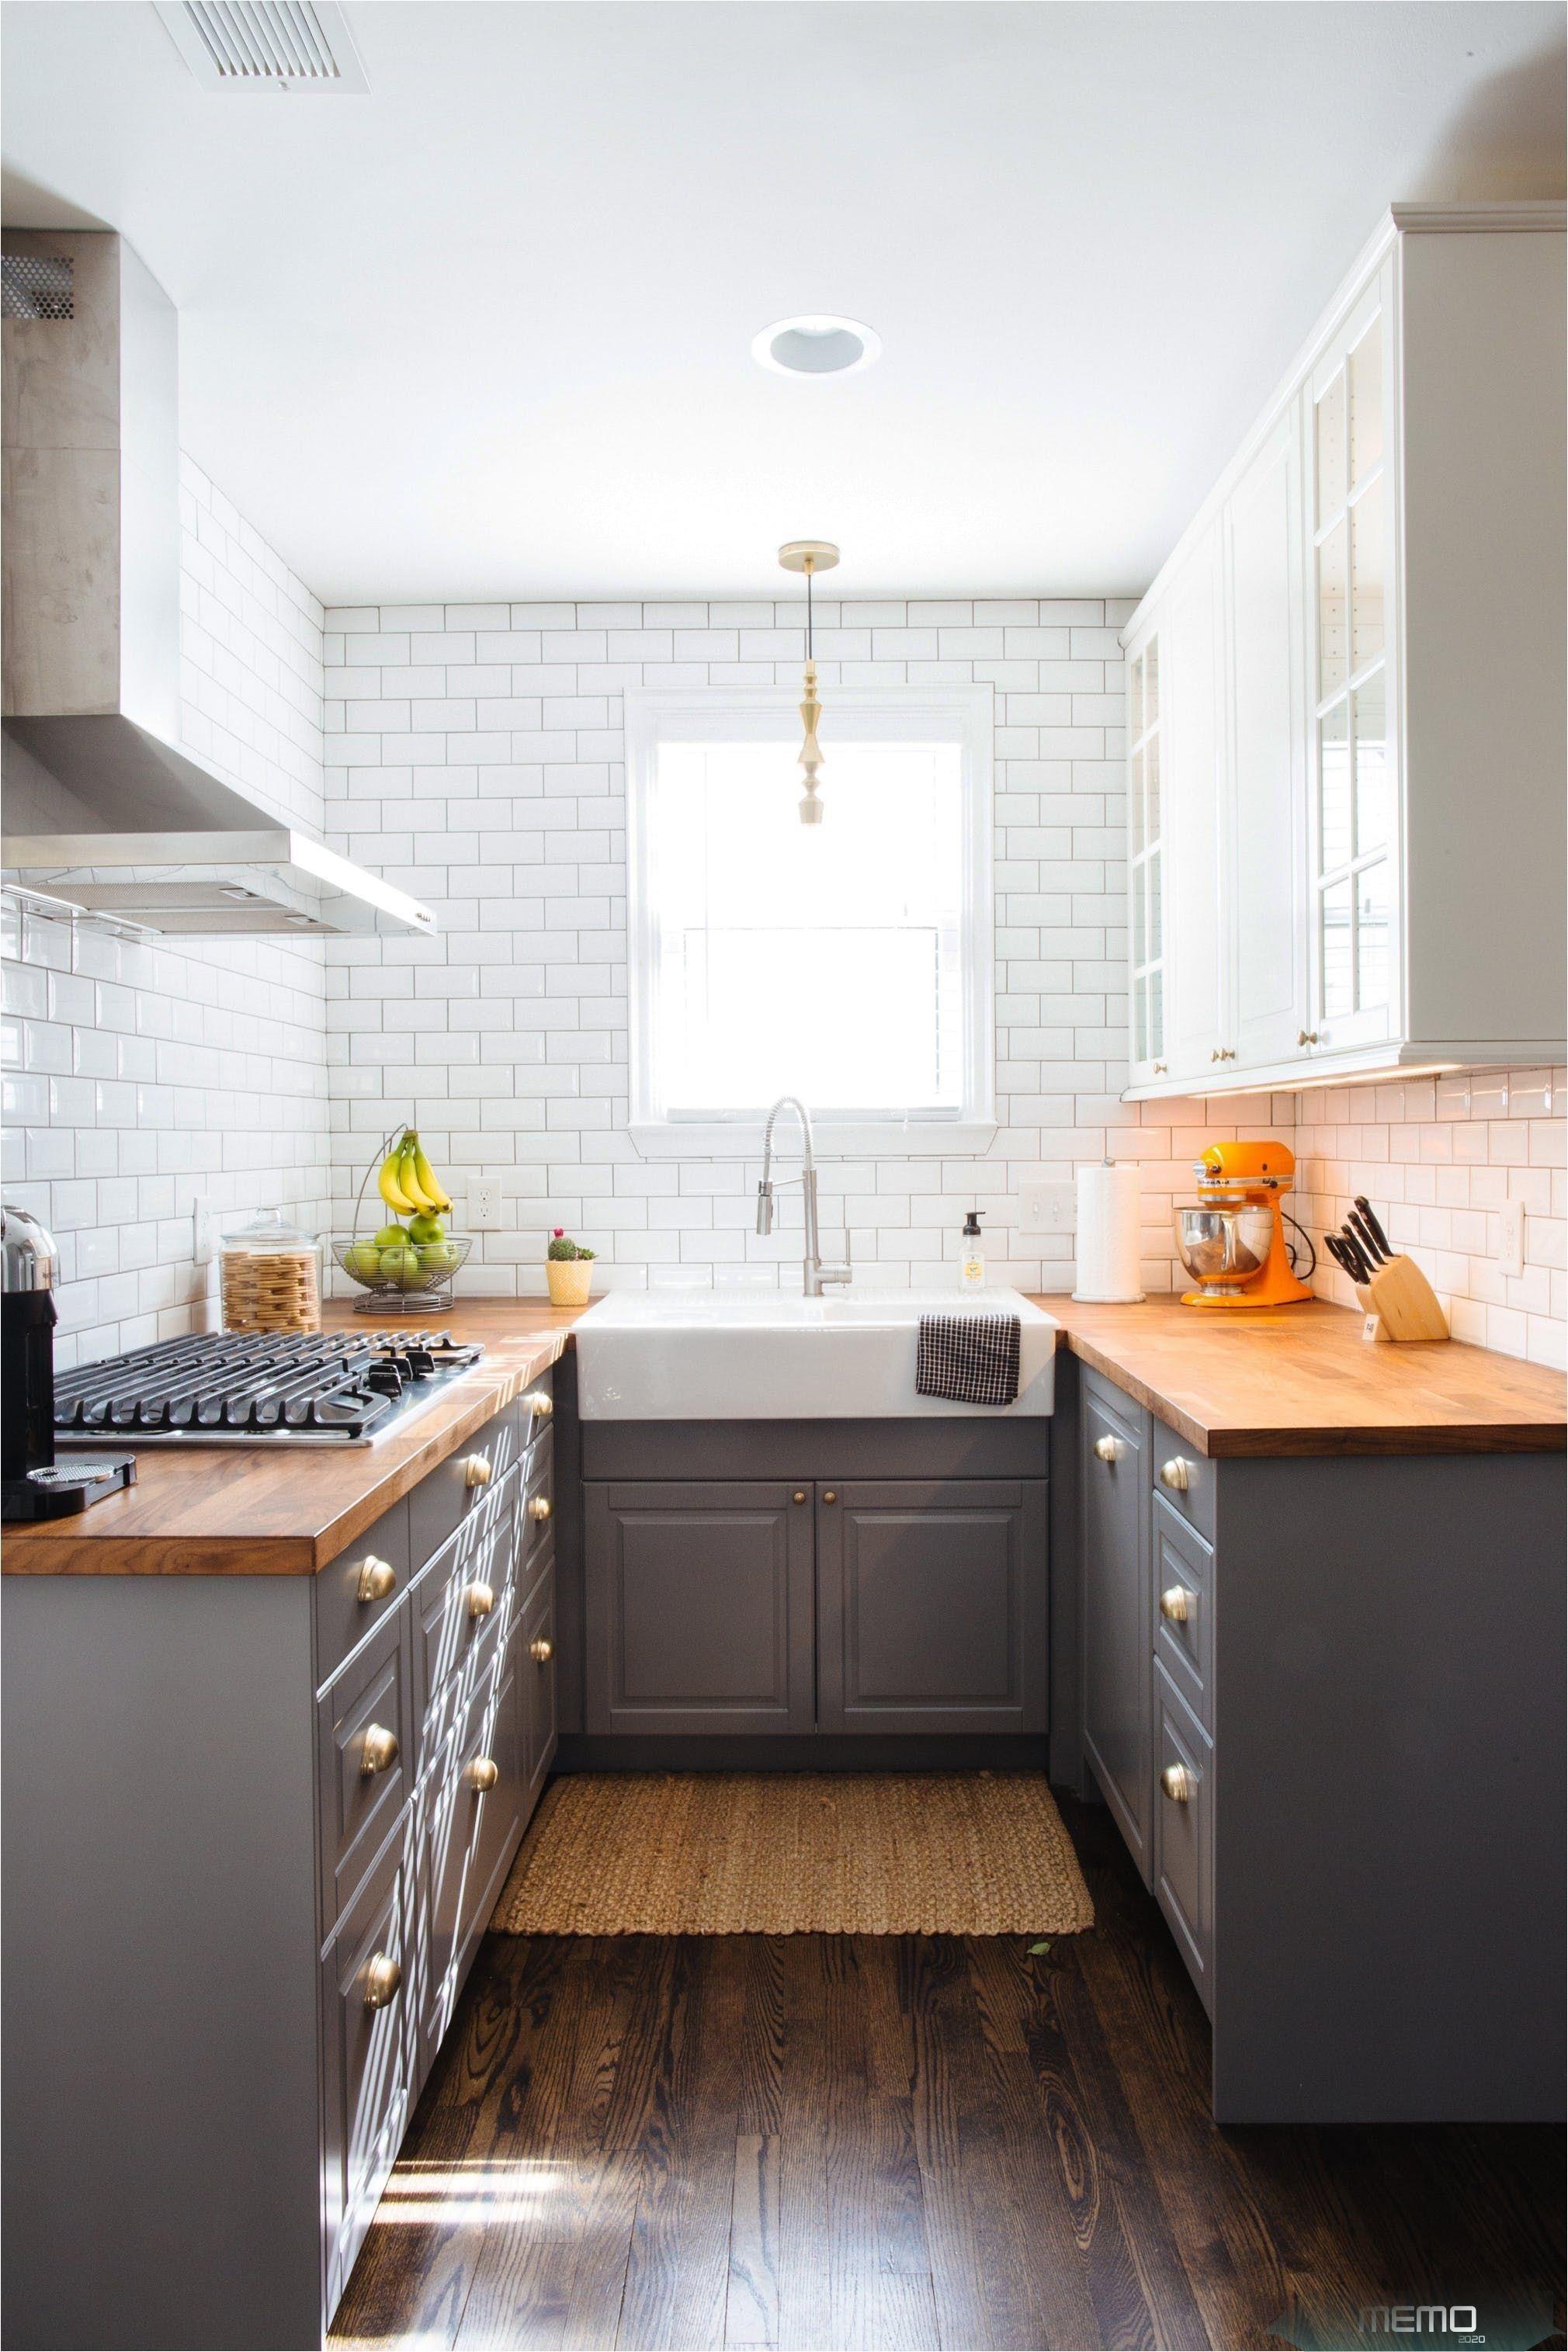 Small Kitchen Decor Ideas 2017 from i.pinimg.com